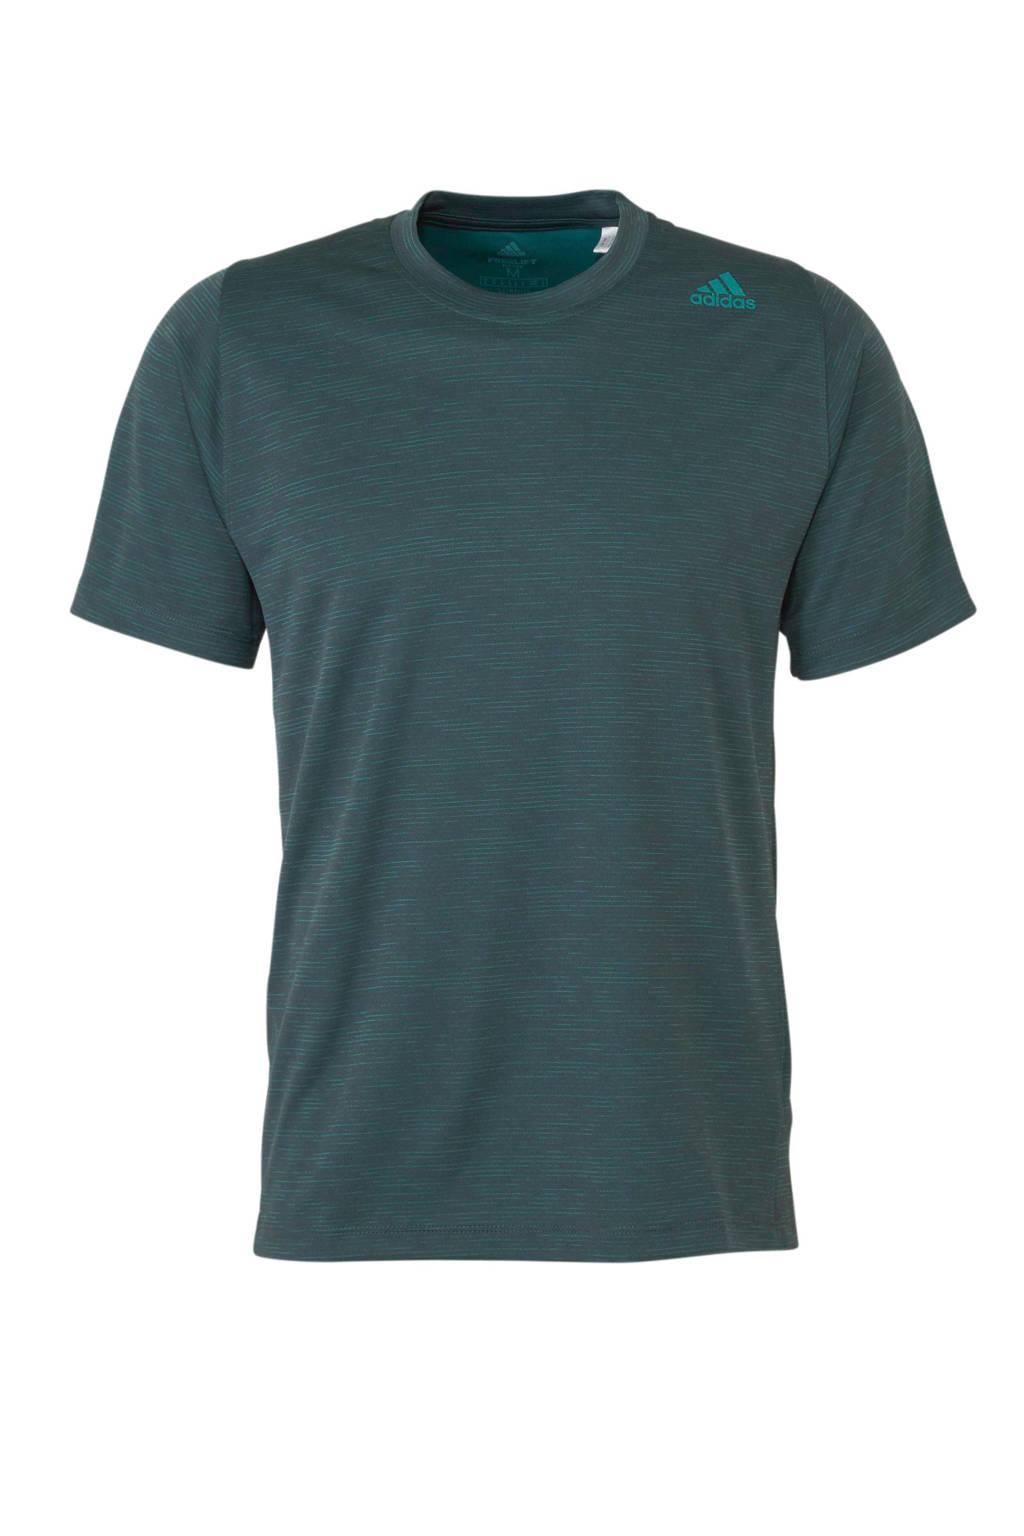 adidas performance   sport T-shirt groen, Groen